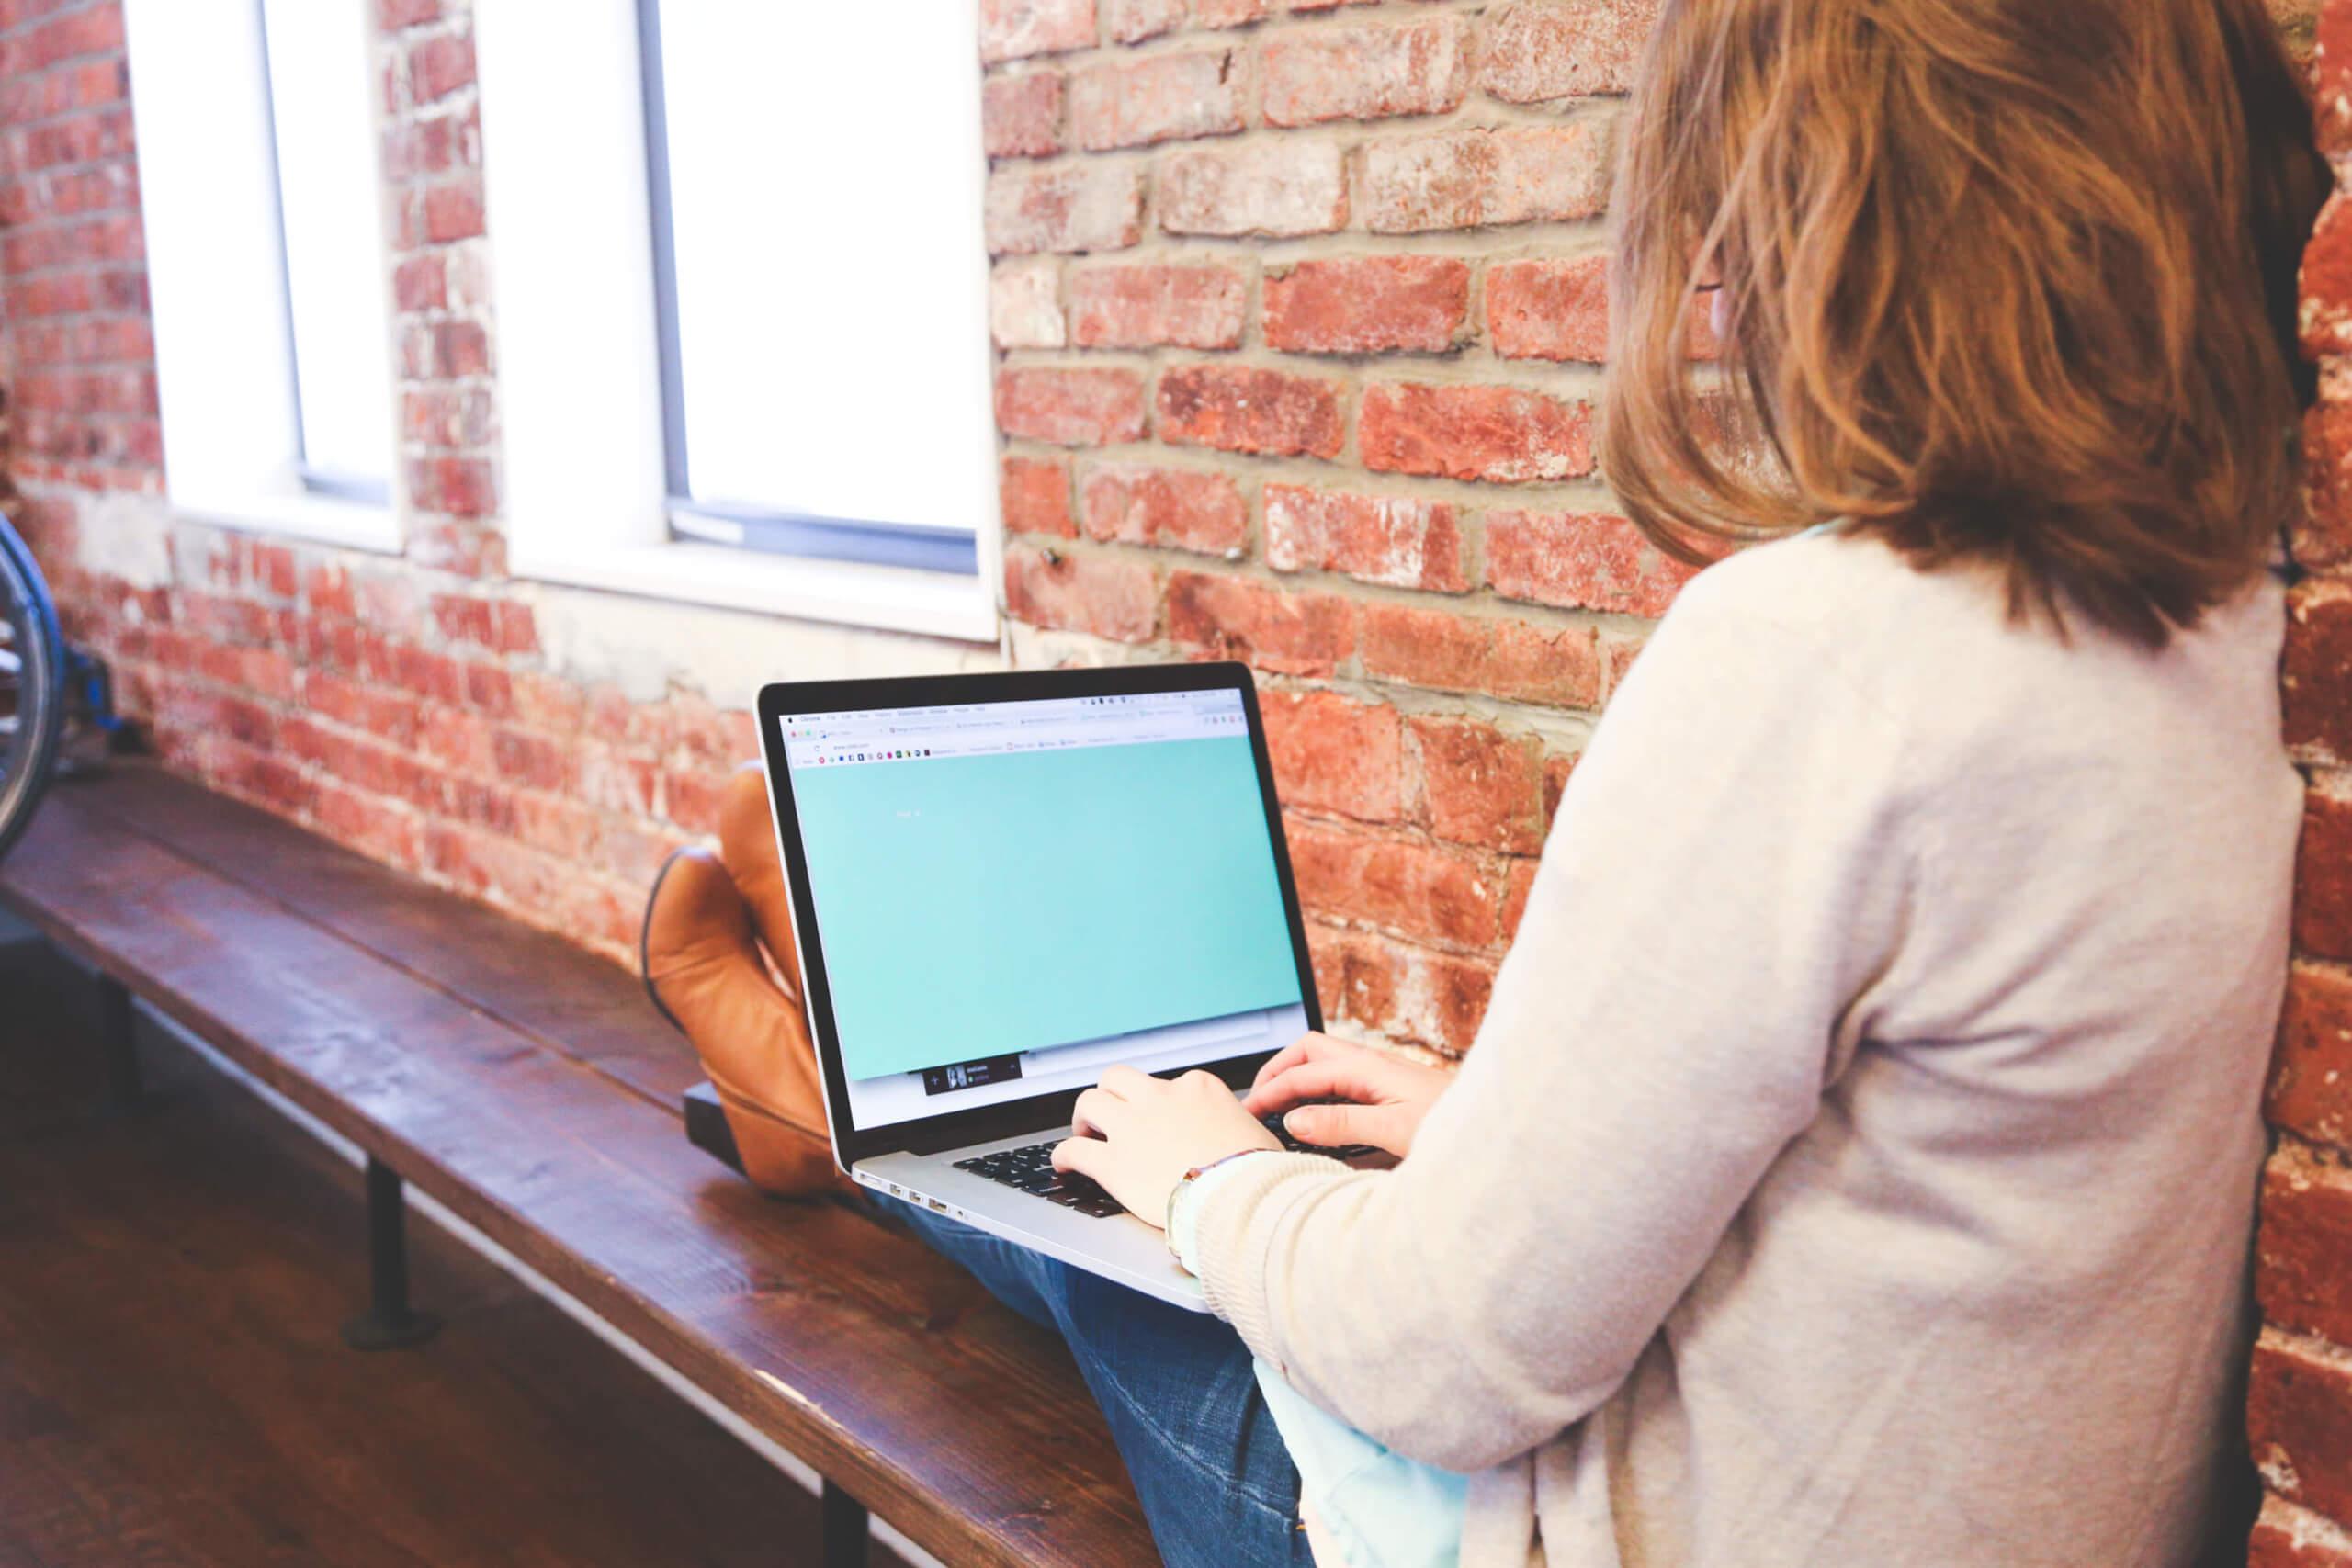 entspannt arbeiten - unterwegs oder im Homeoffice (c) 50stock.com